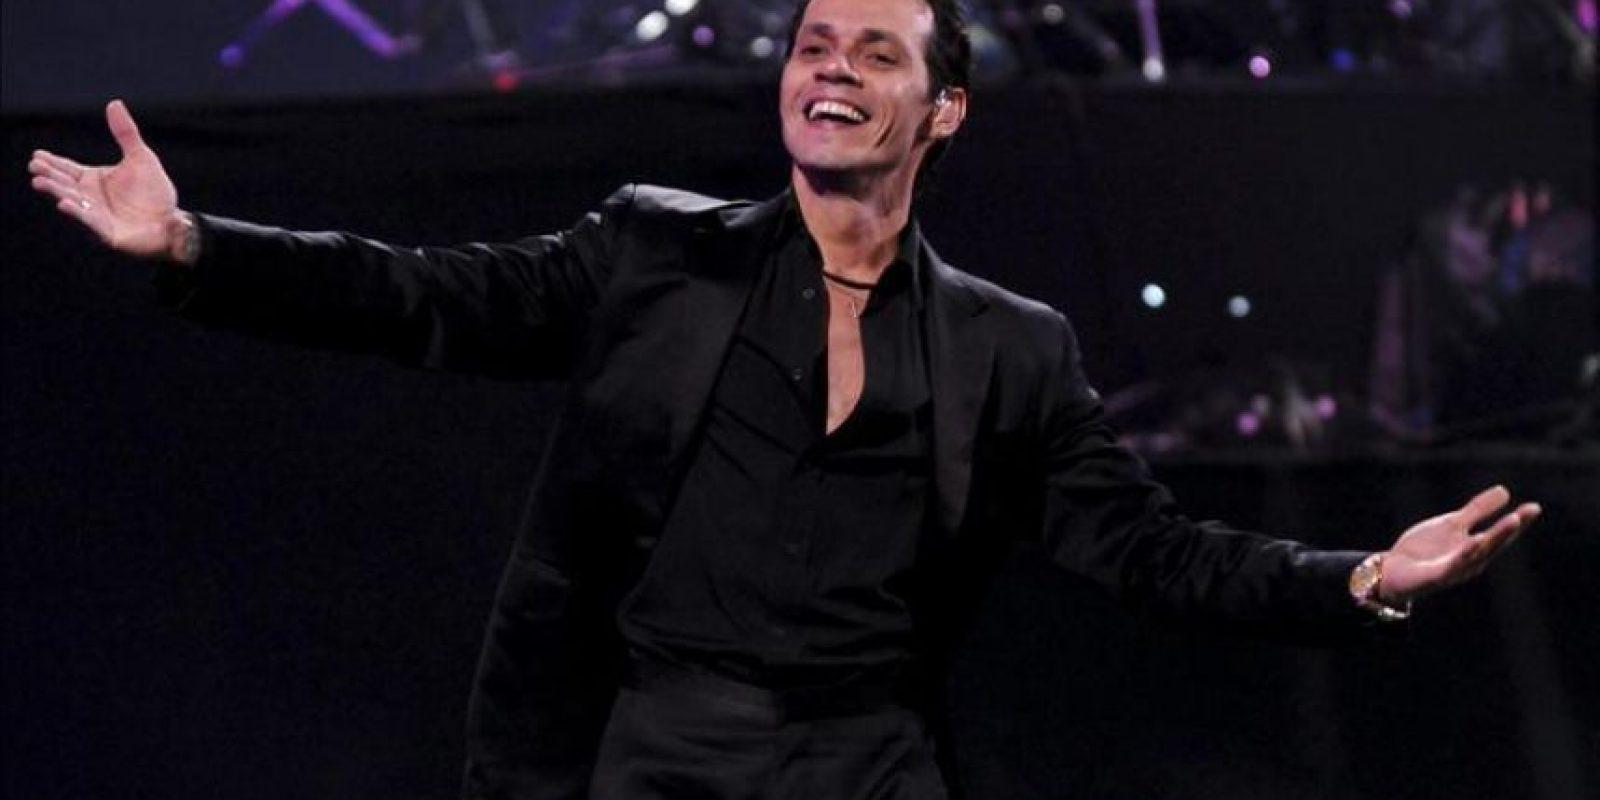 El cantante estadounidense de origen puertorriqueño Marc Anthony, en el 53 Festival Internacional de la Canción de Viña del Mar (Chile). EFE